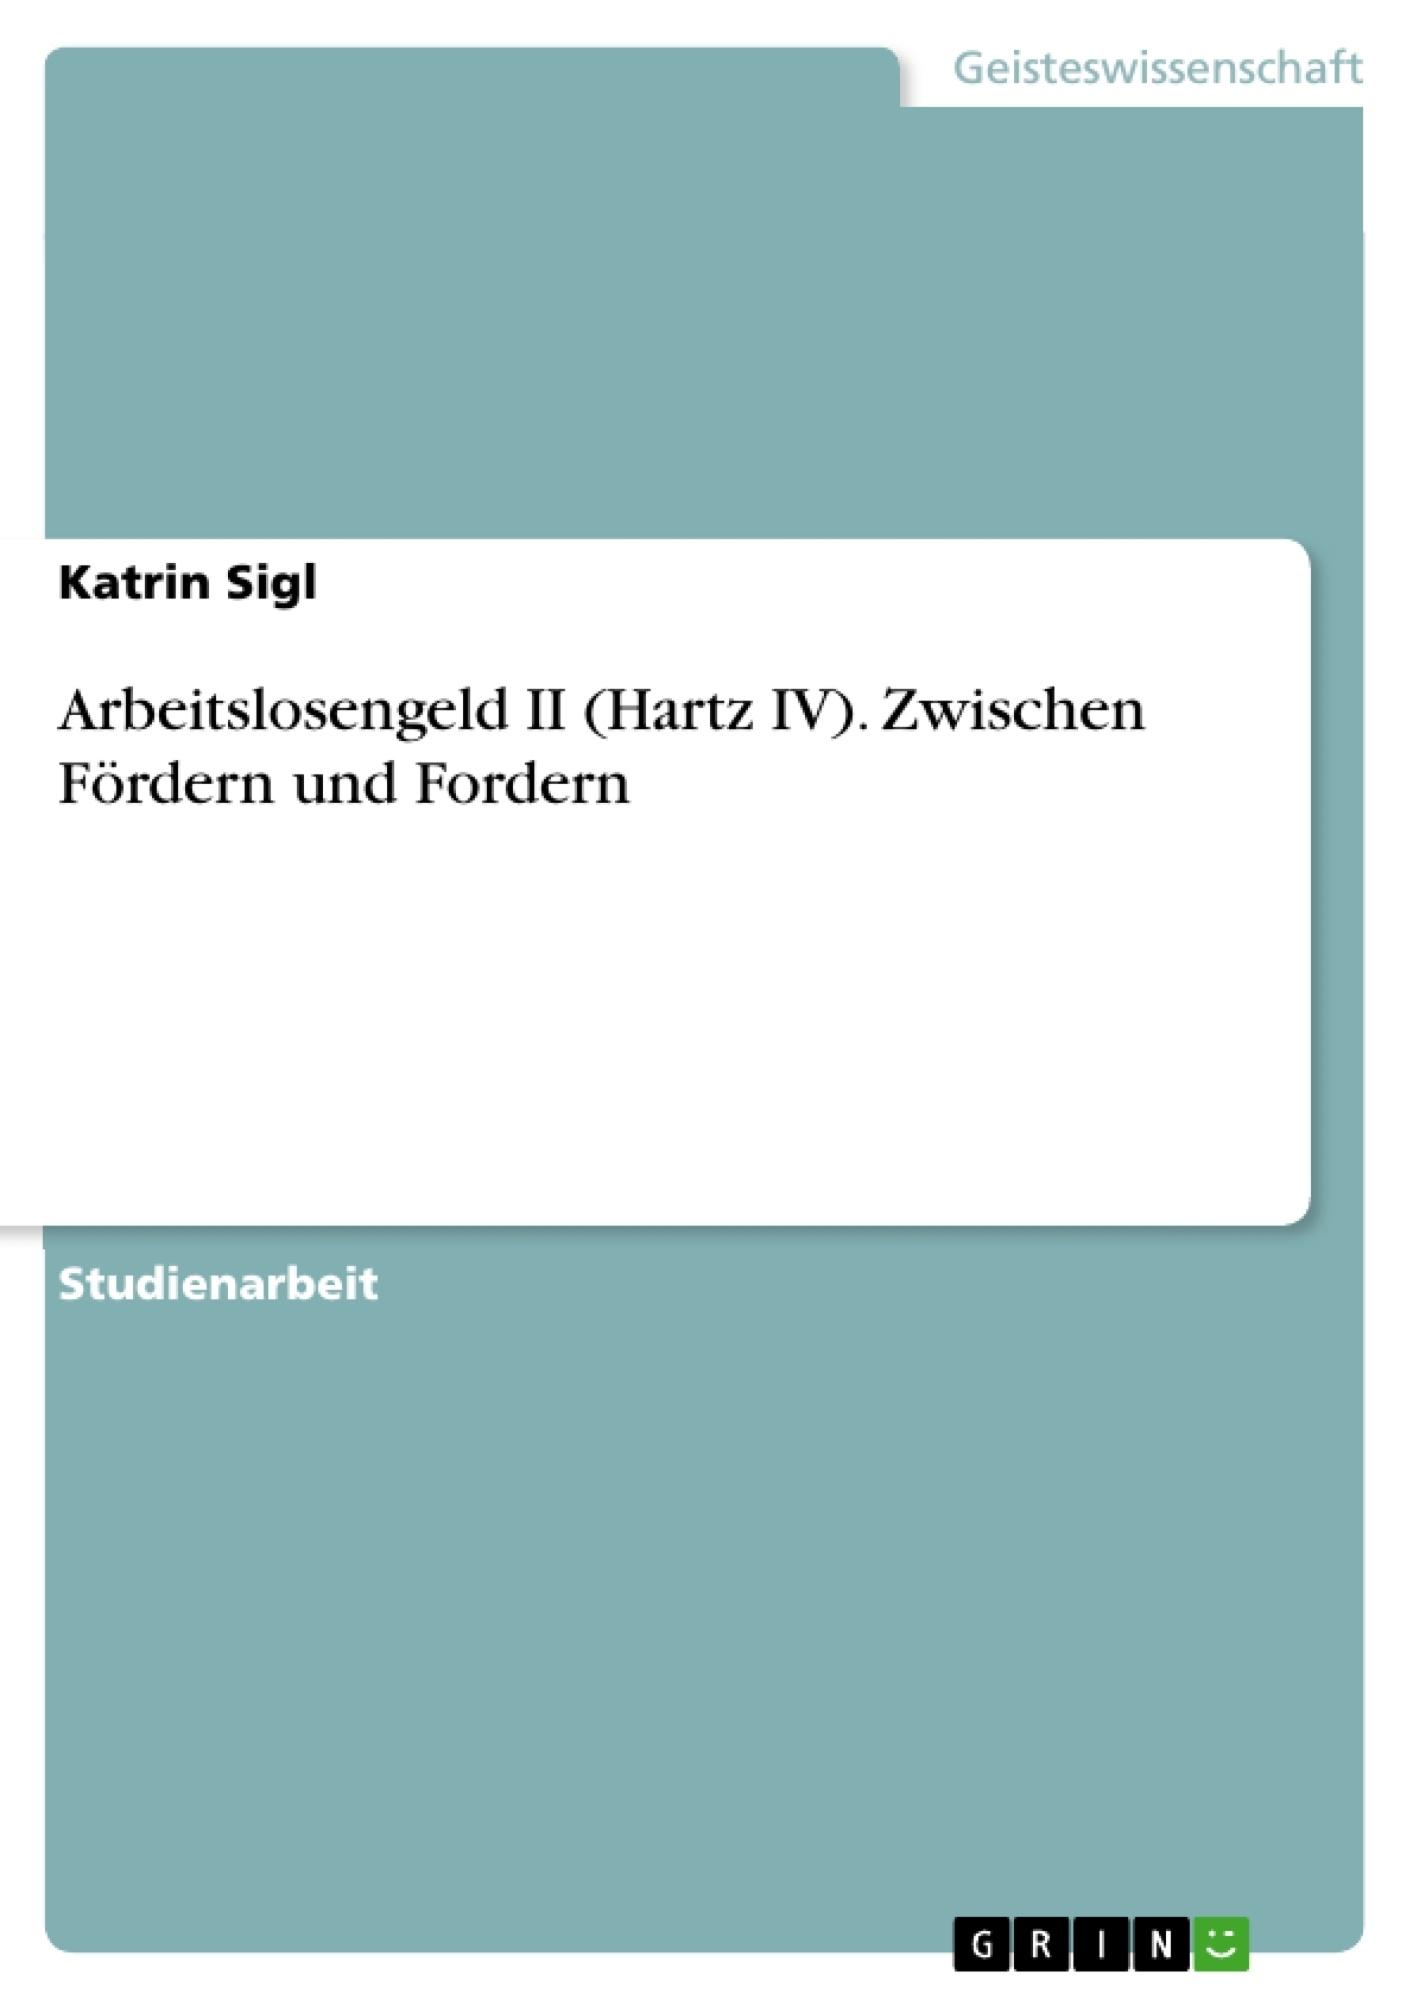 Titel: Arbeitslosengeld II (Hartz IV). Zwischen Fördern und Fordern